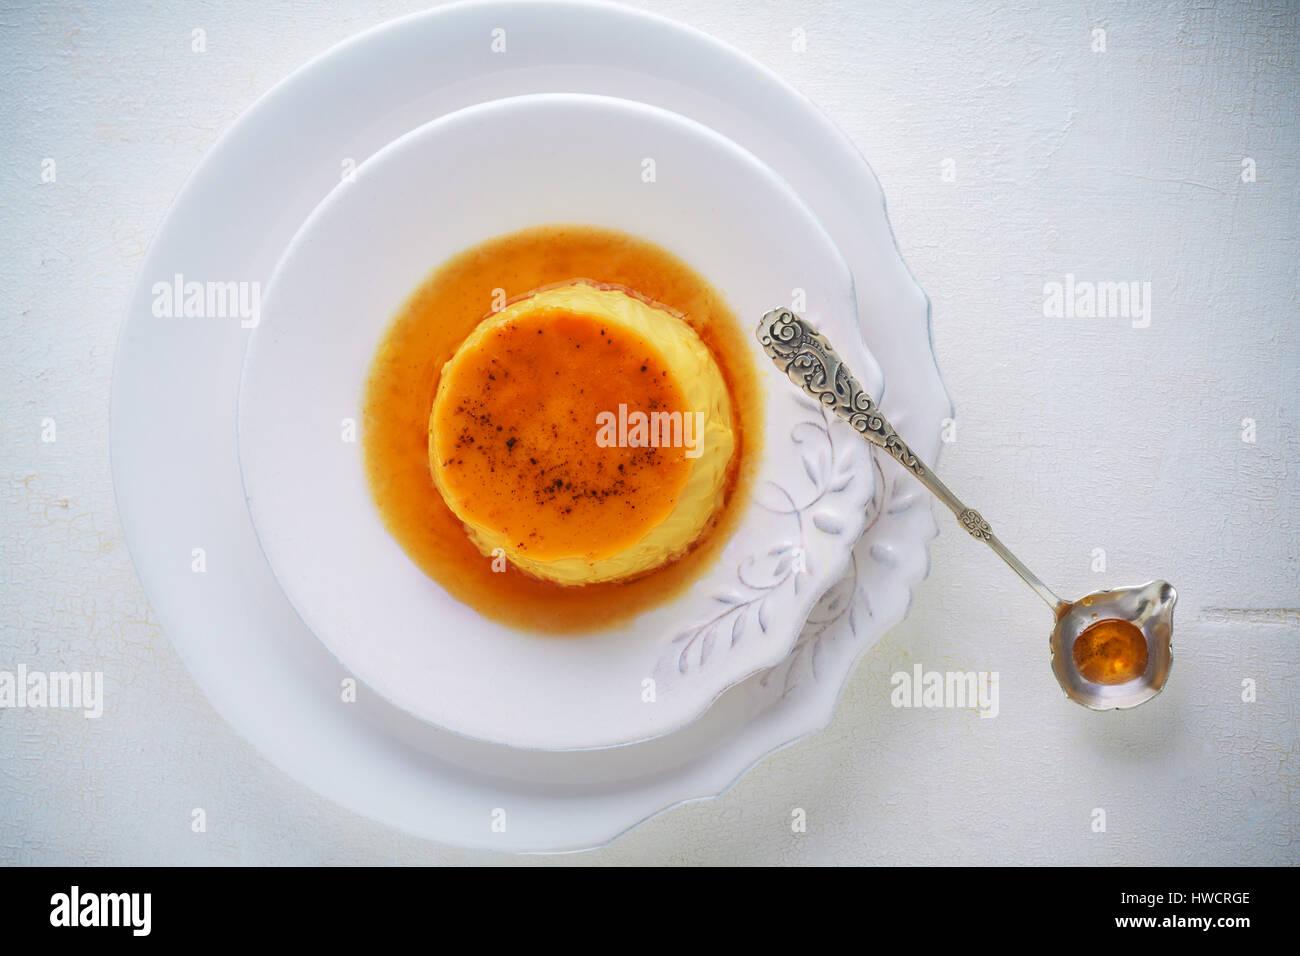 Creme Caramel. Flan. - Stock Image